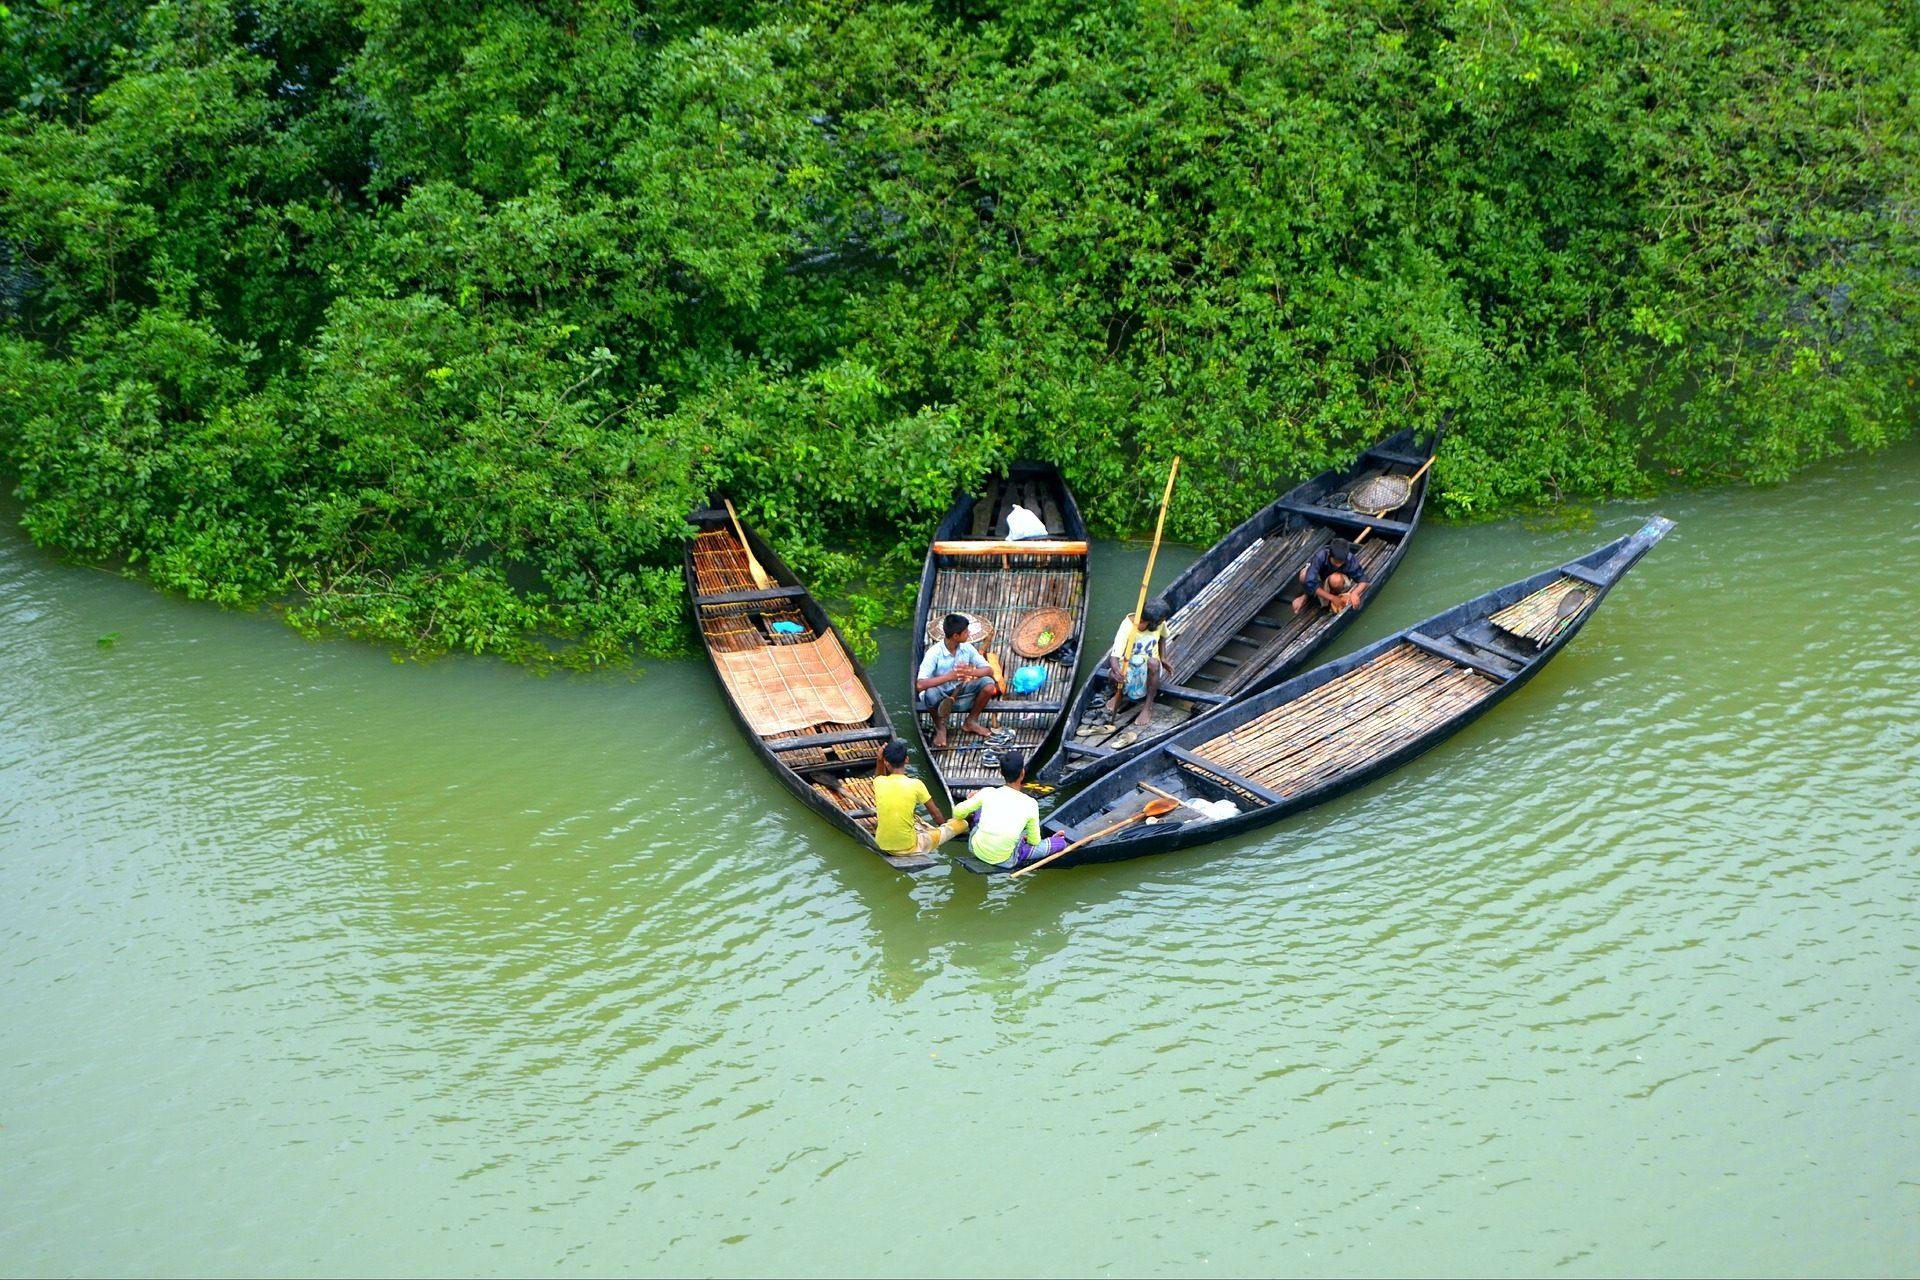 河, 独木舟, 渔民, 植被, bangladesh - 高清壁纸 - 教授-falken.com